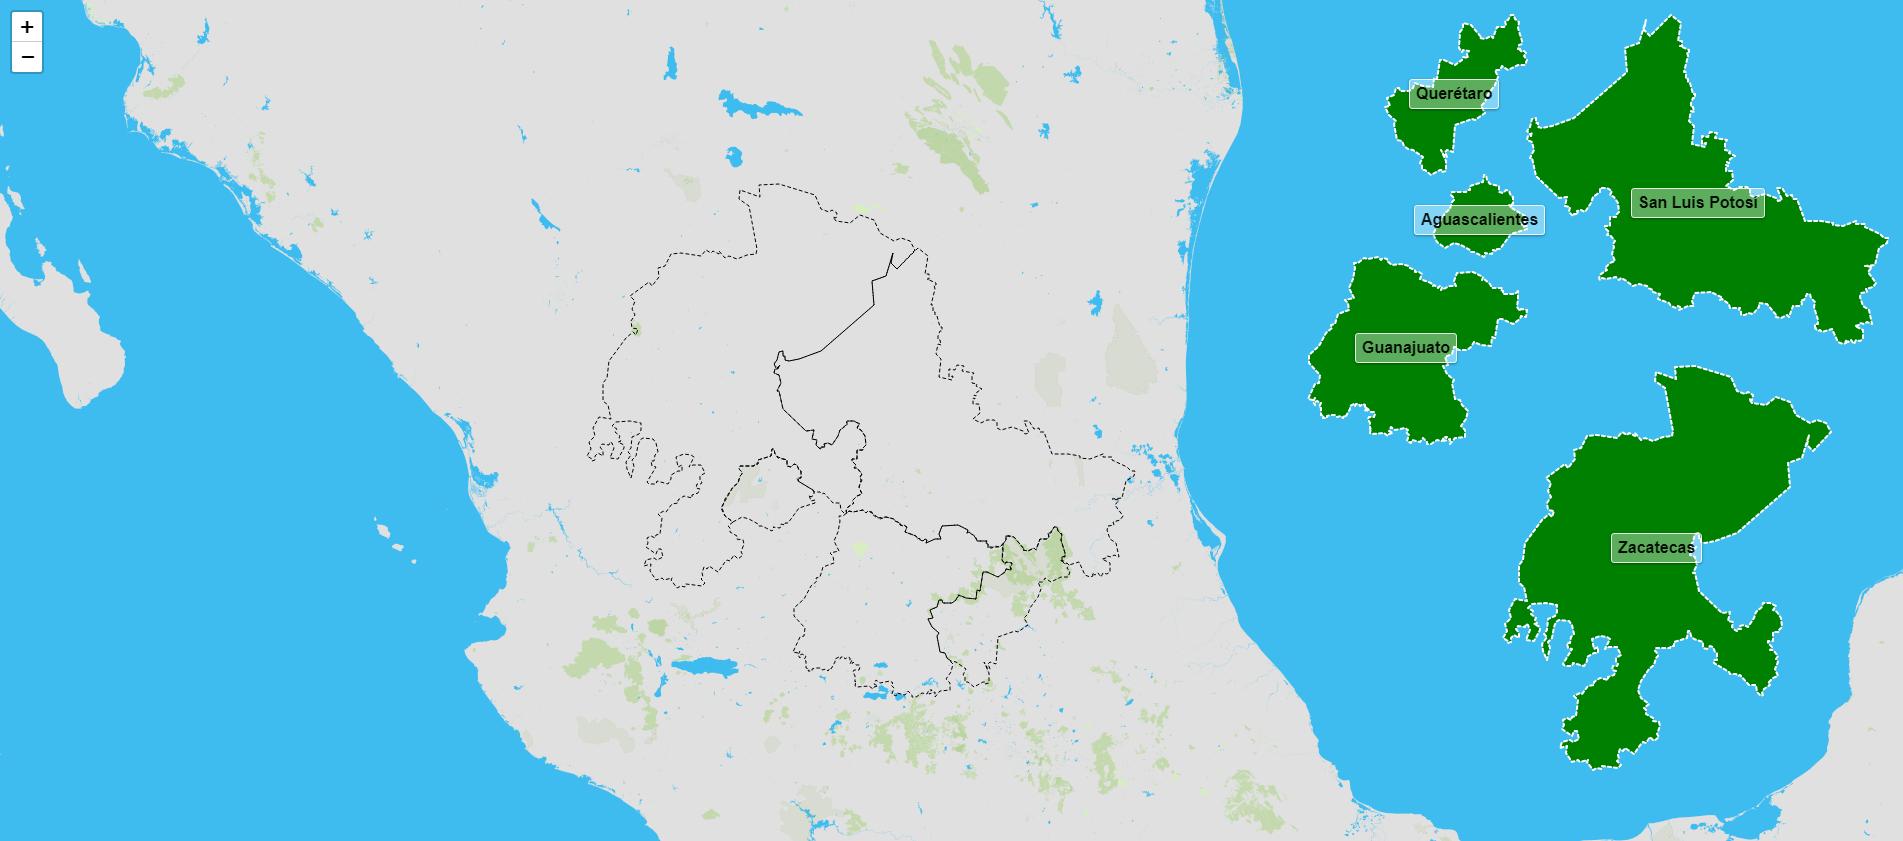 Estados de la región centronorte de México